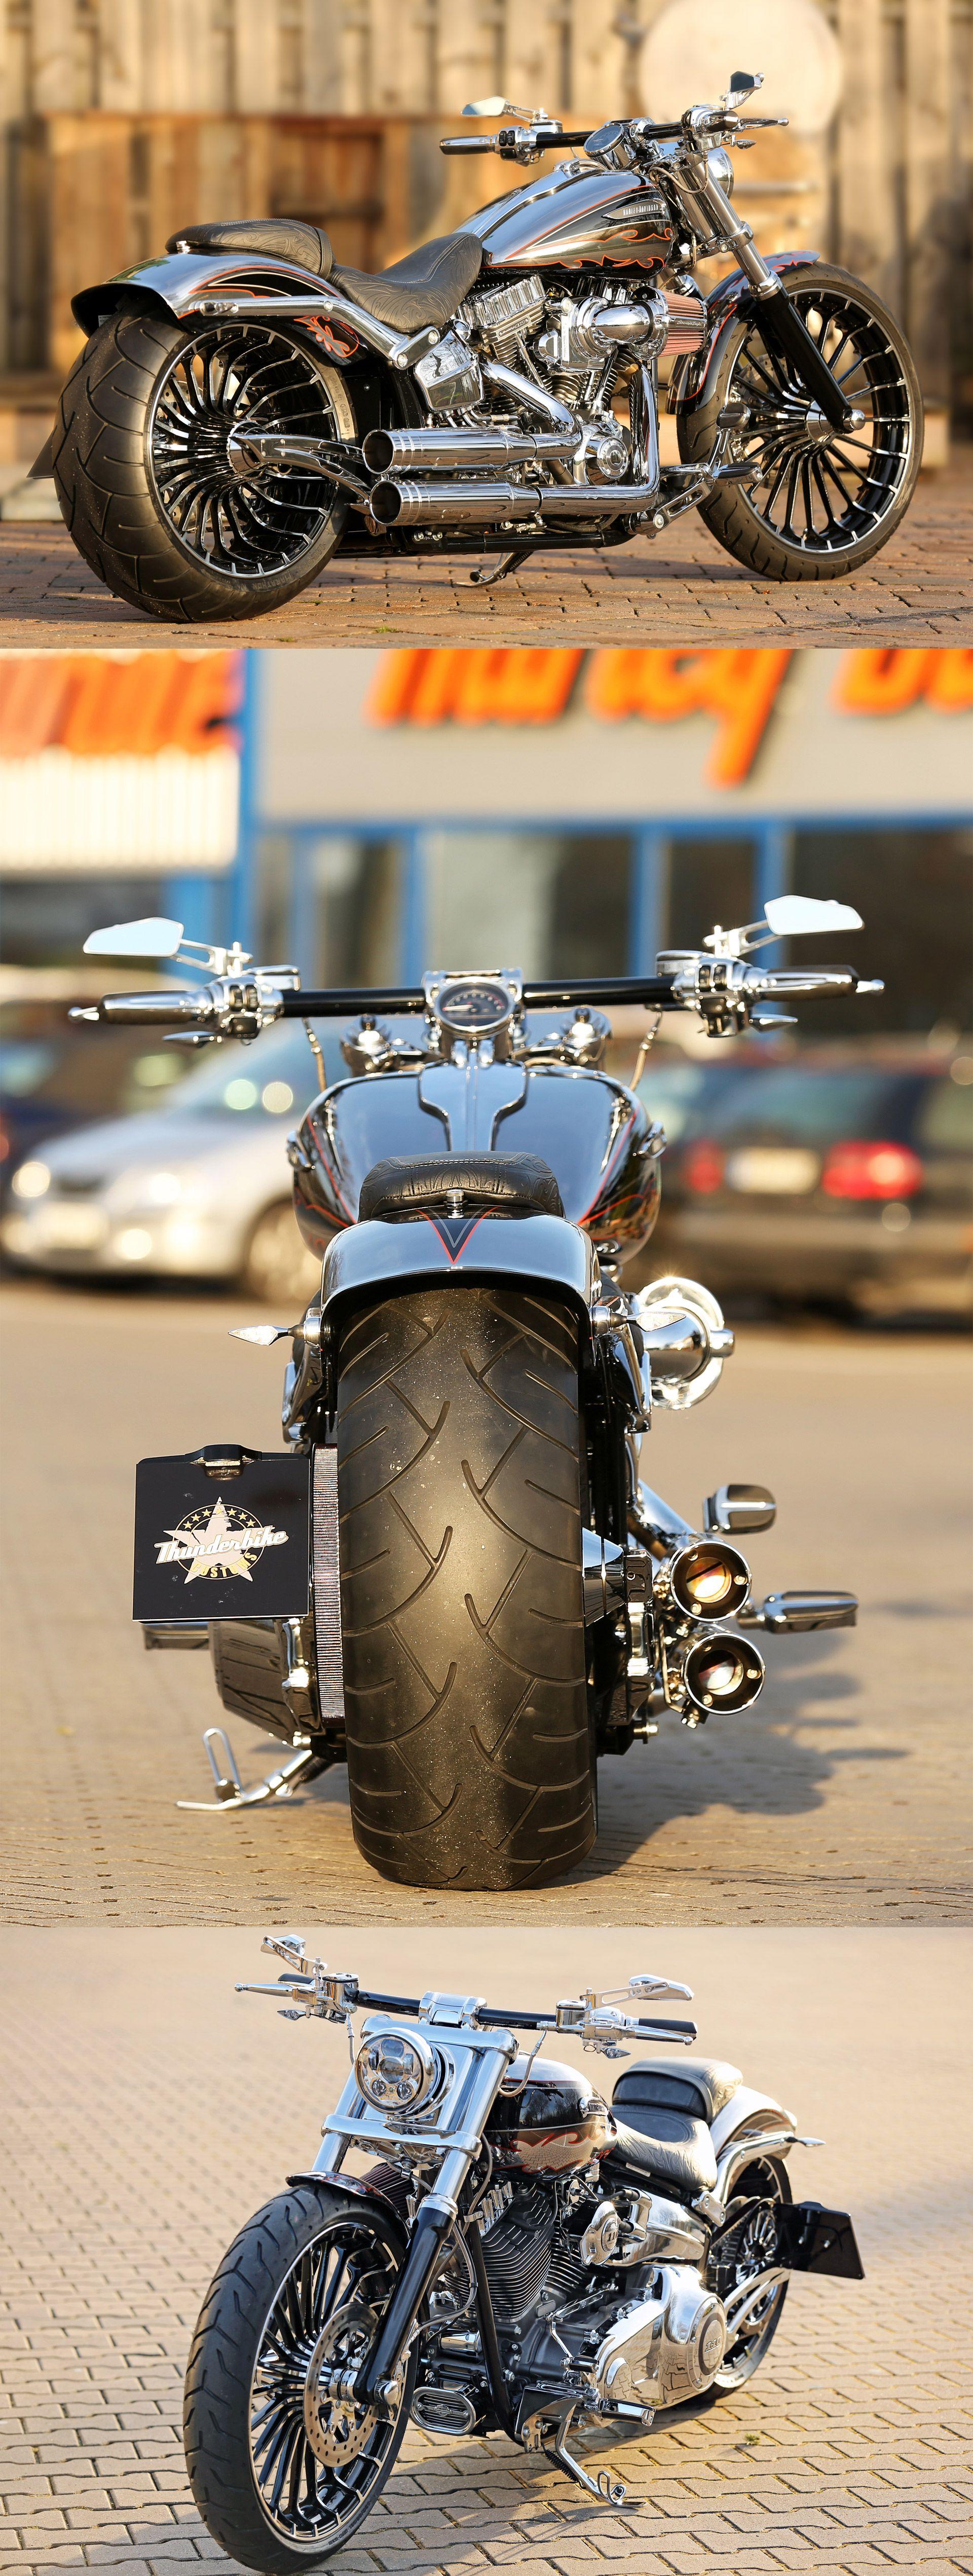 Les 147 meilleures images du tableau Moto Customs sur Pinterest